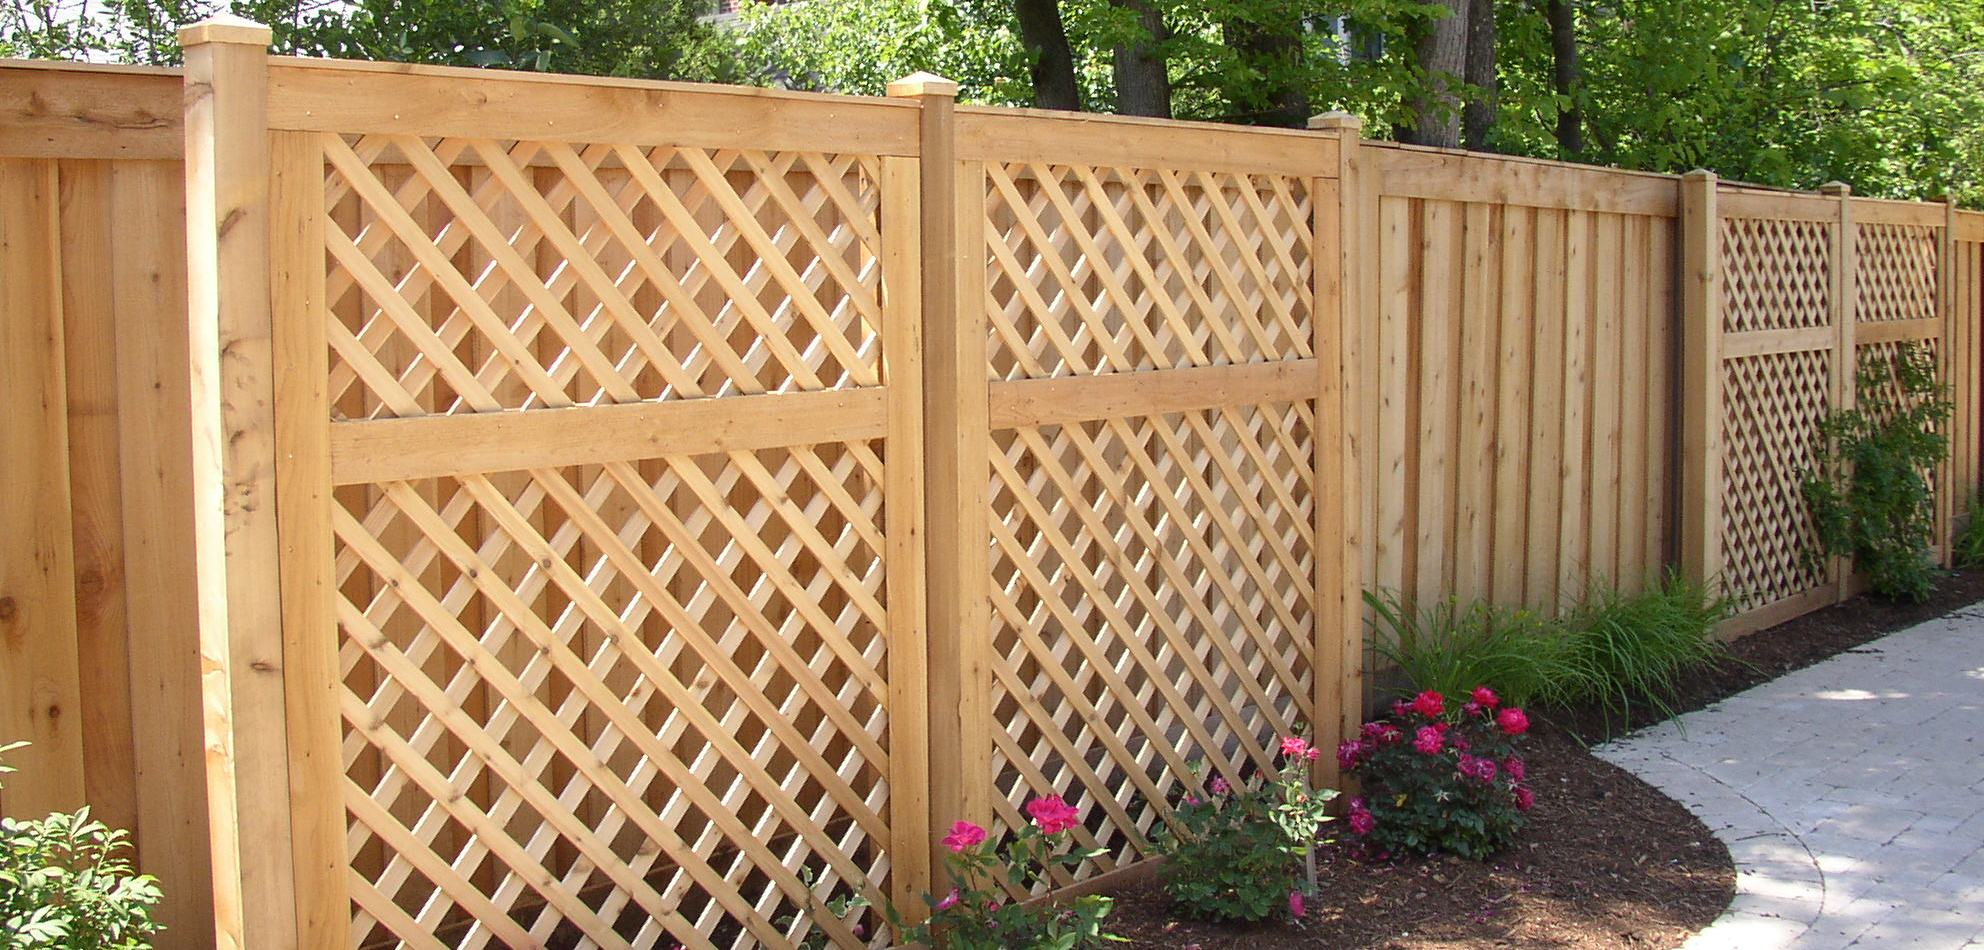 fencing-wooden.jpg